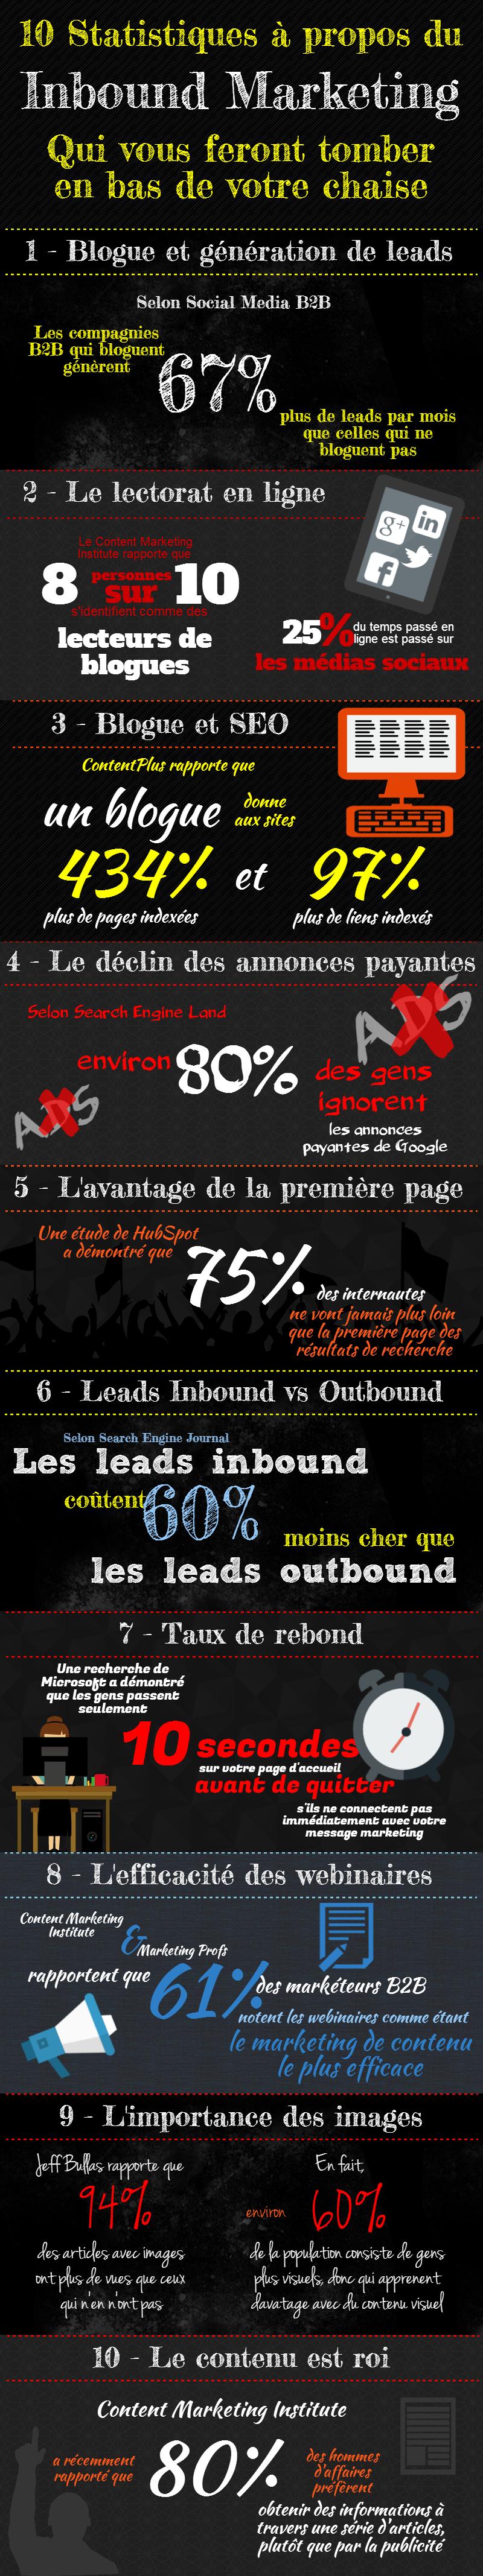 statistiques-marketing-contenu